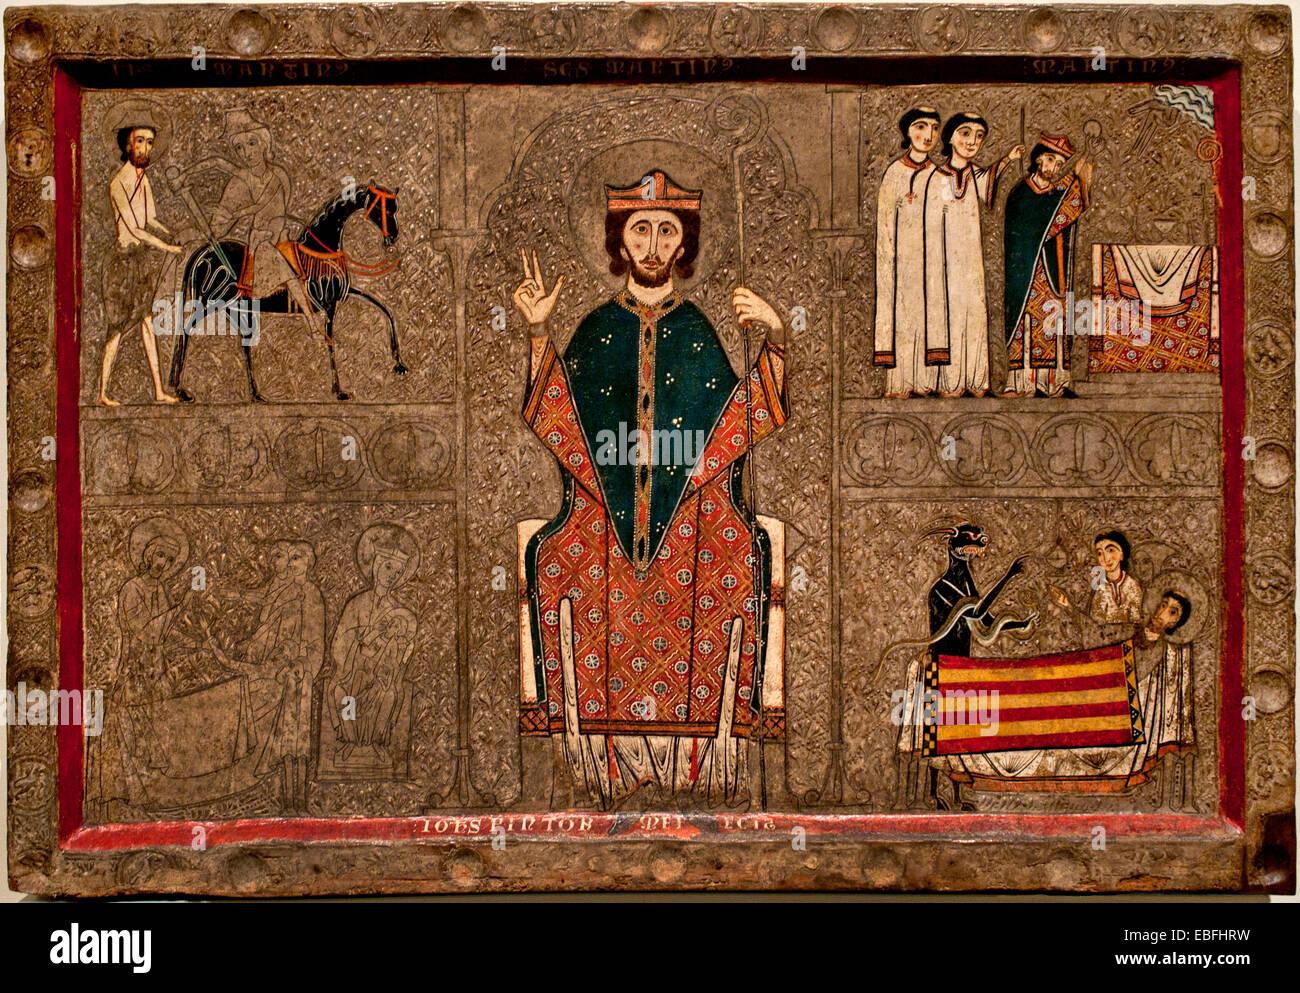 Iohannes Ribagorça13th century Medieval Romanesque Church of Sant Martí de Gia or Xia (Alta Ribagorça, - Stock Image